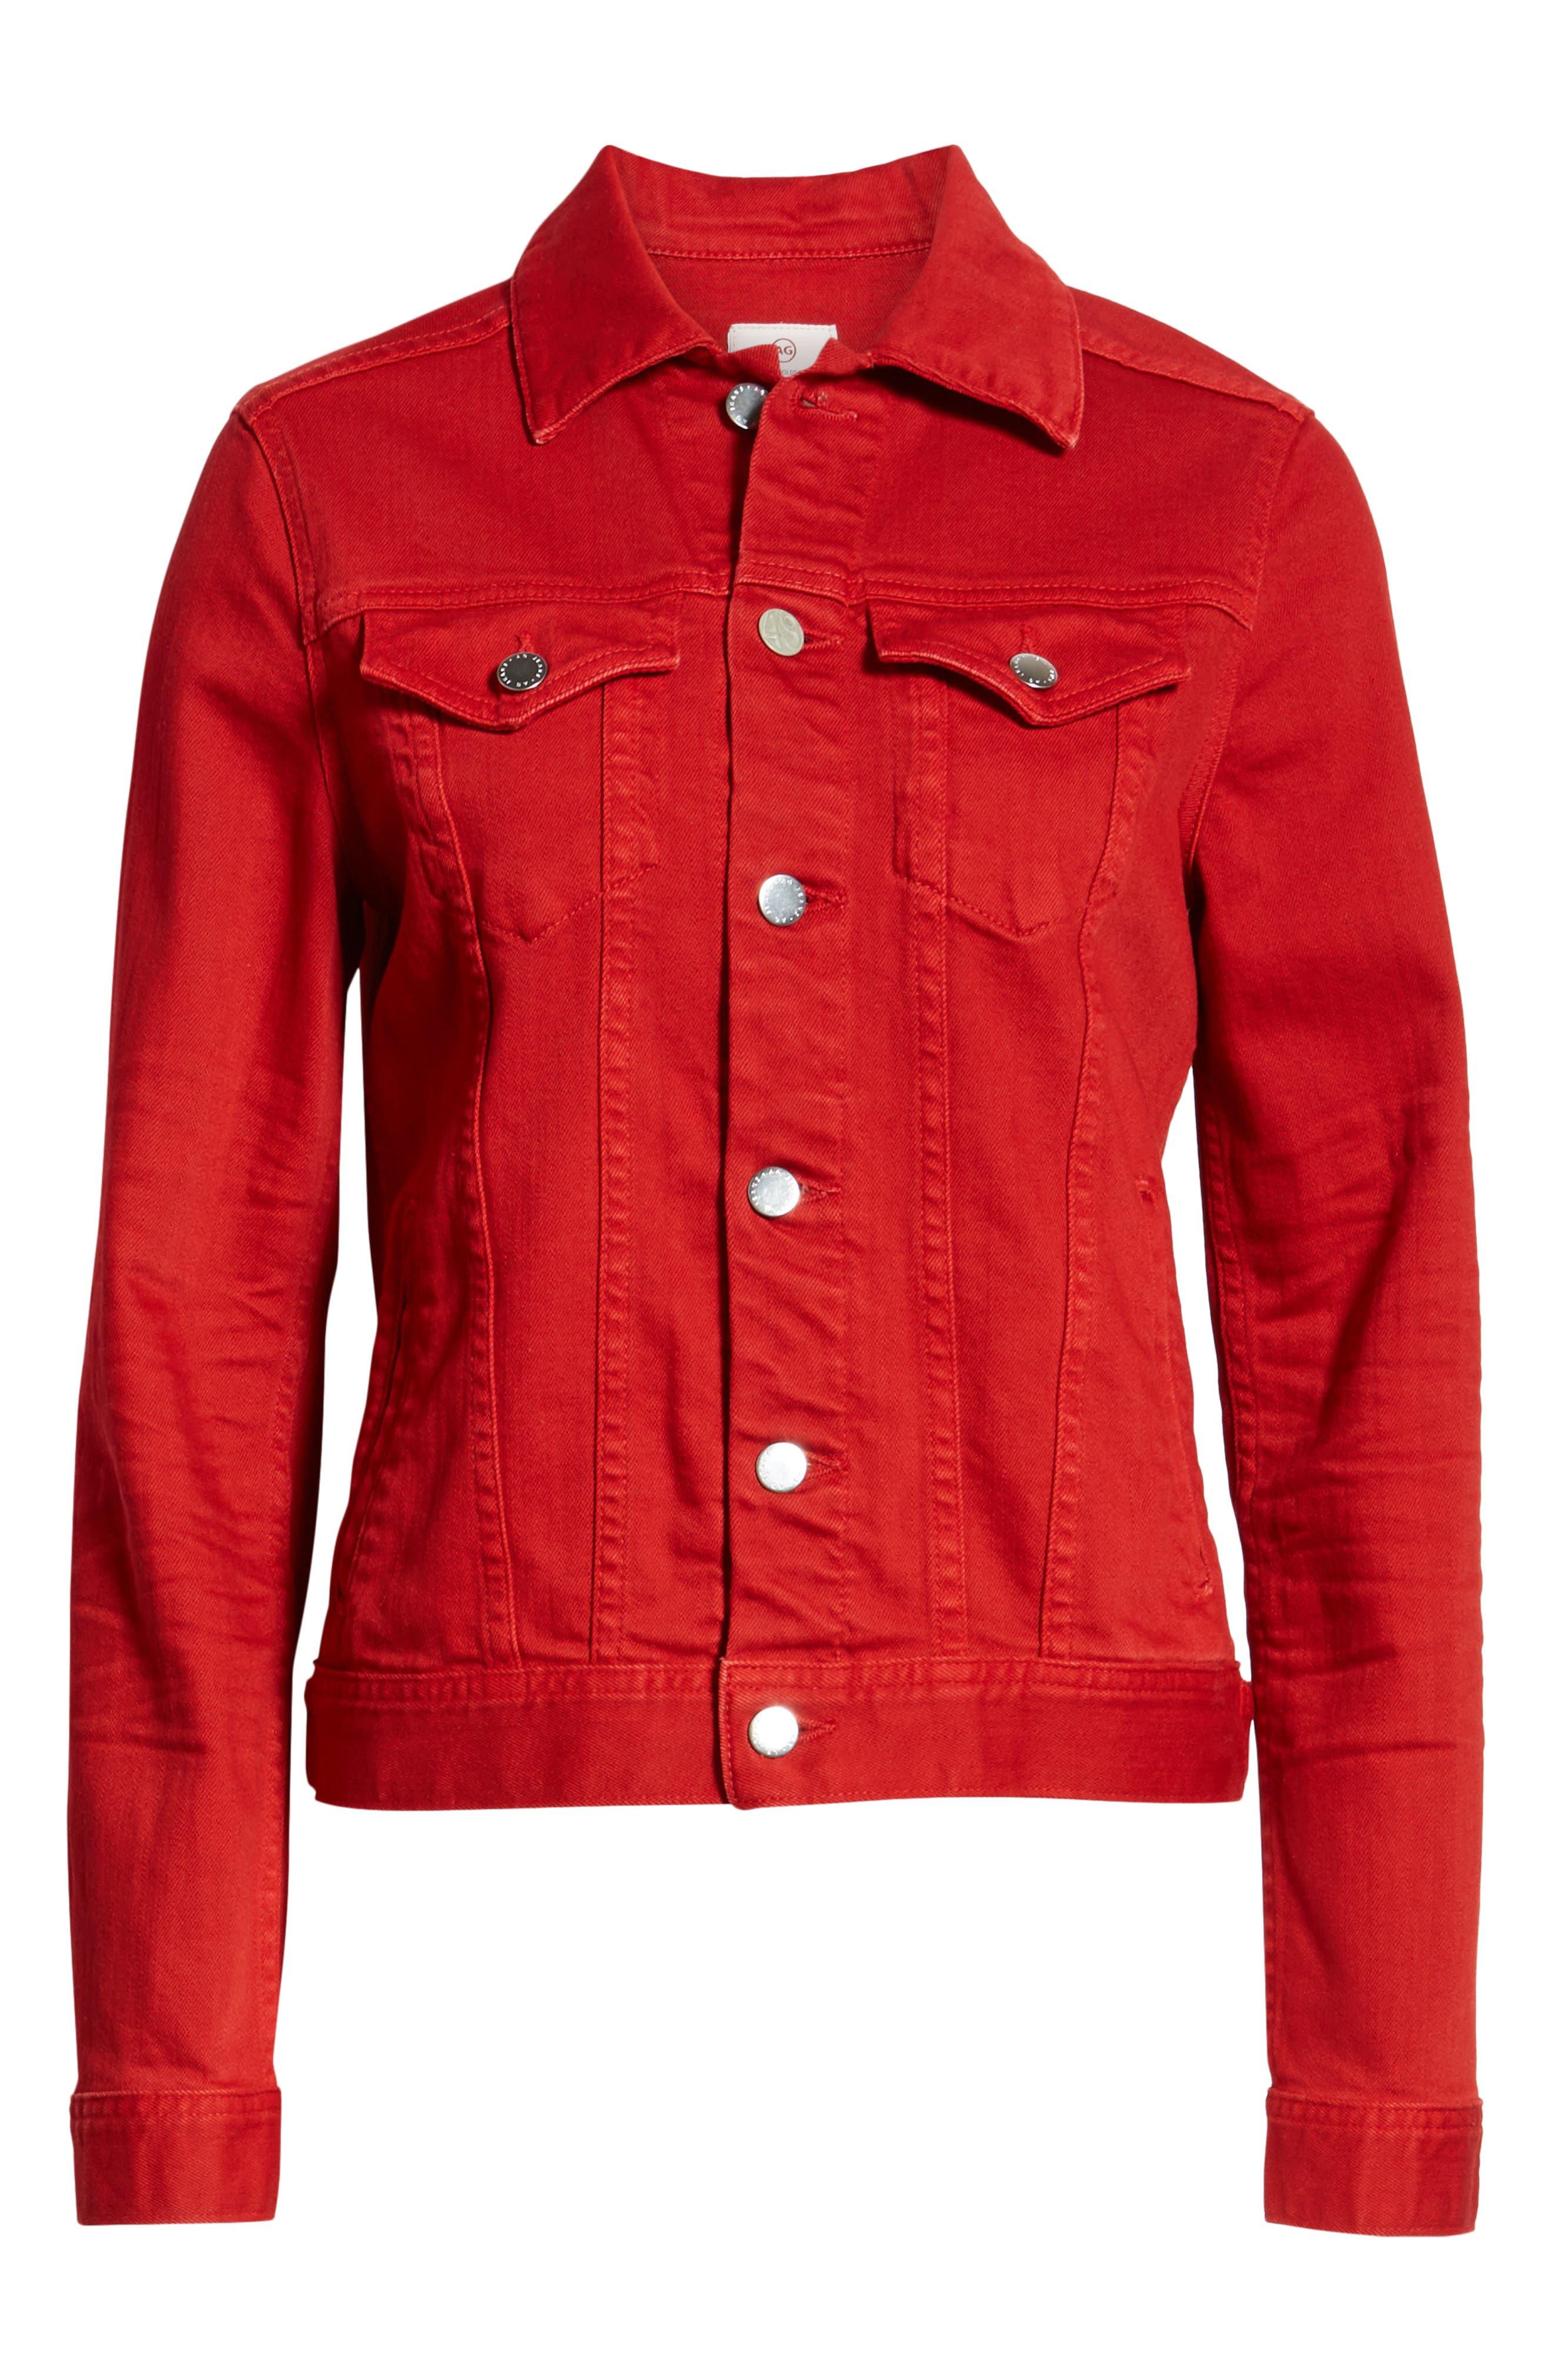 AG, Mya Denim Jacket, Alternate thumbnail 6, color, 01Y HI WHITE CLEVER RED